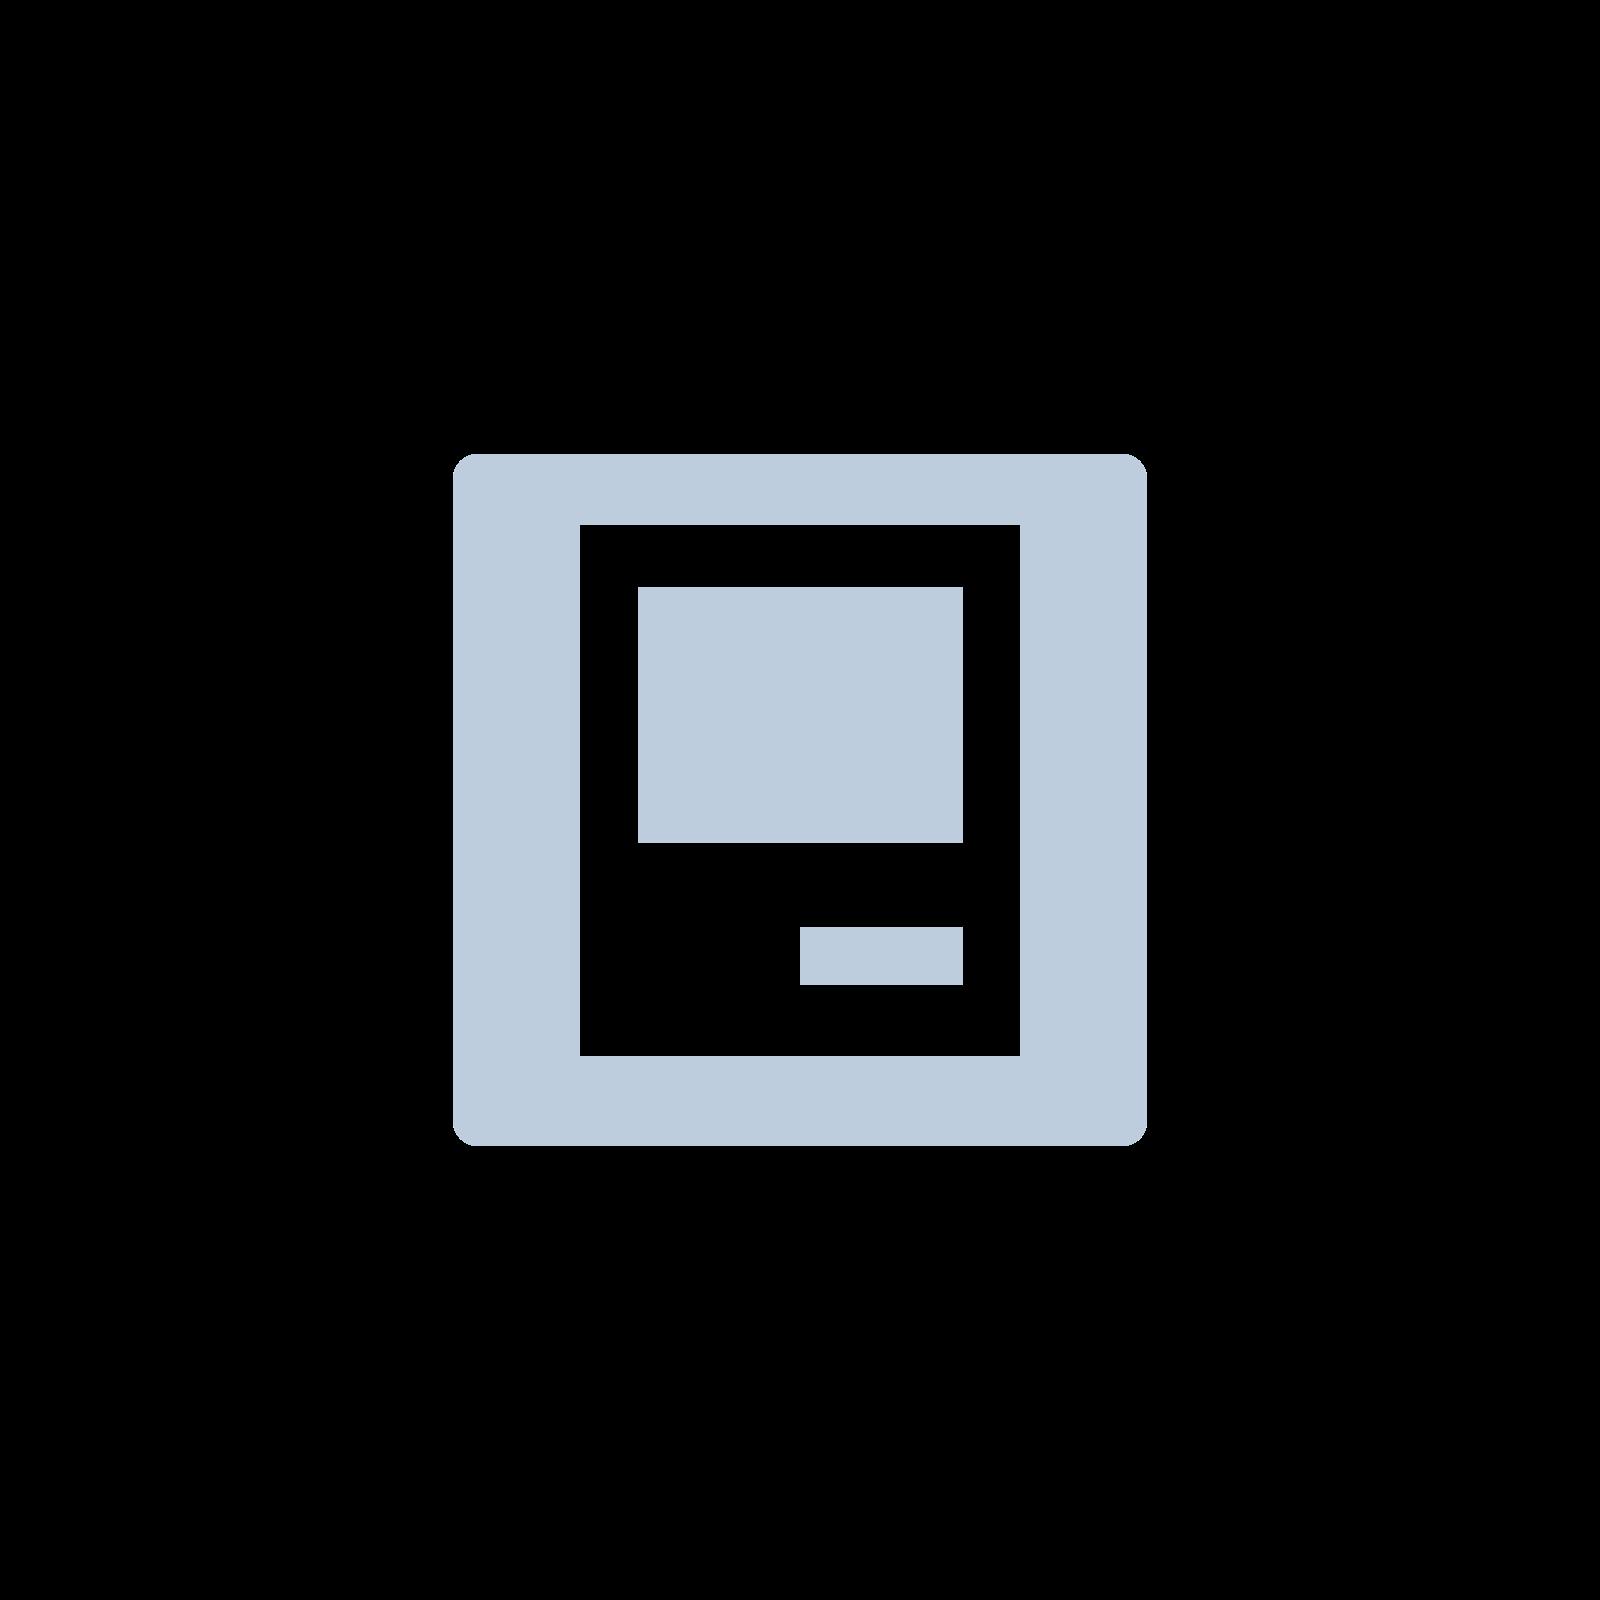 Mac mini Core i5 2.3 GHz (Macmini5,1, 500 GB HDD, 2GB)